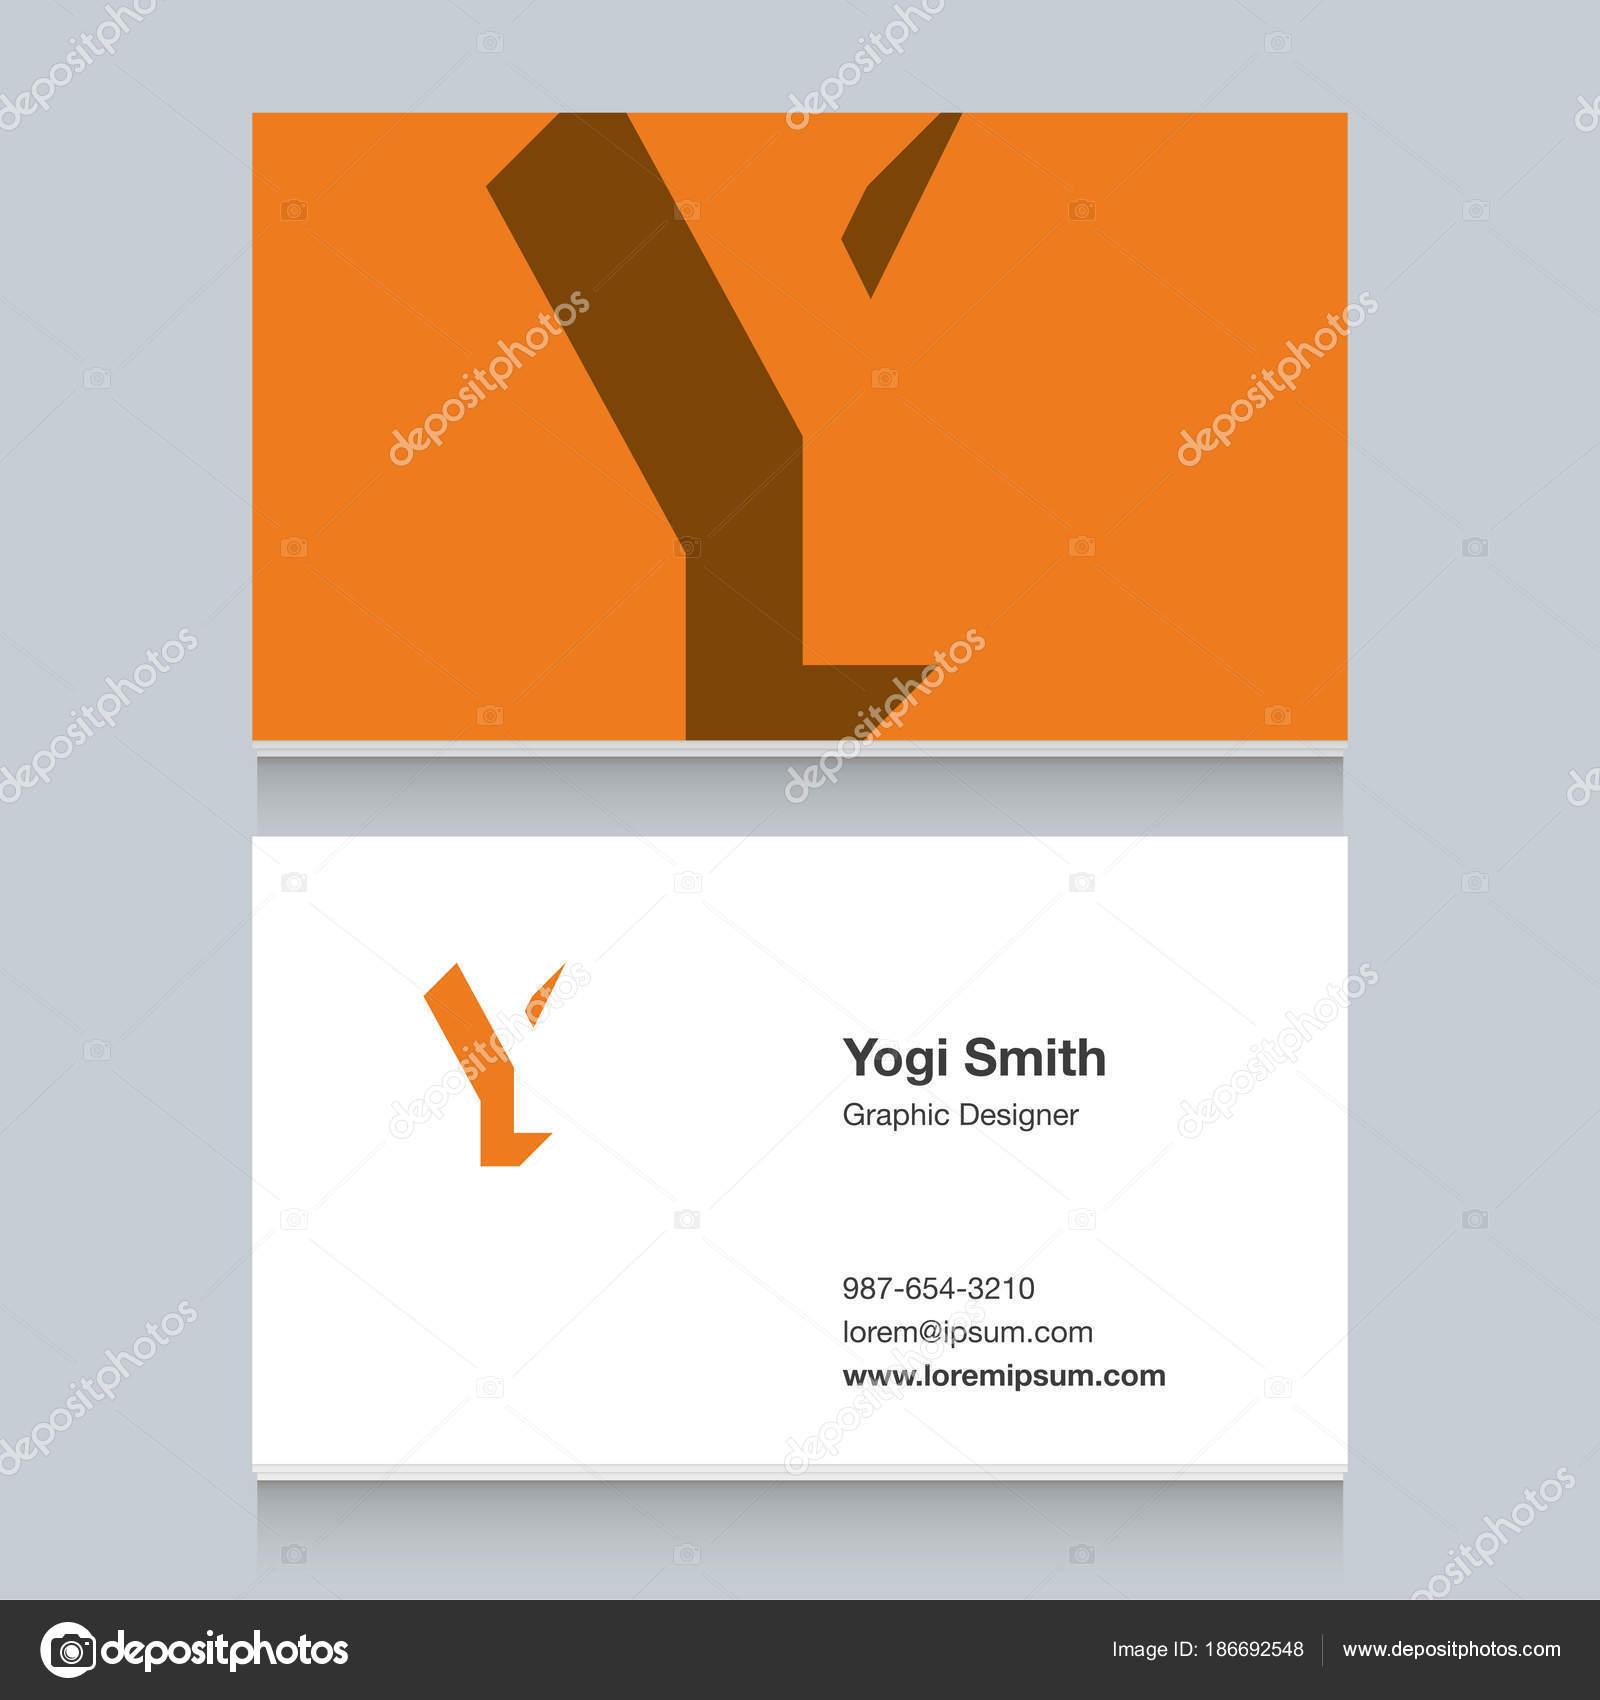 Lettre Dalphabet Logo Y Avec Le Modele De Carte Visite Elements Graphisme Vectoriel Pour Lentreprise Vecteur Par